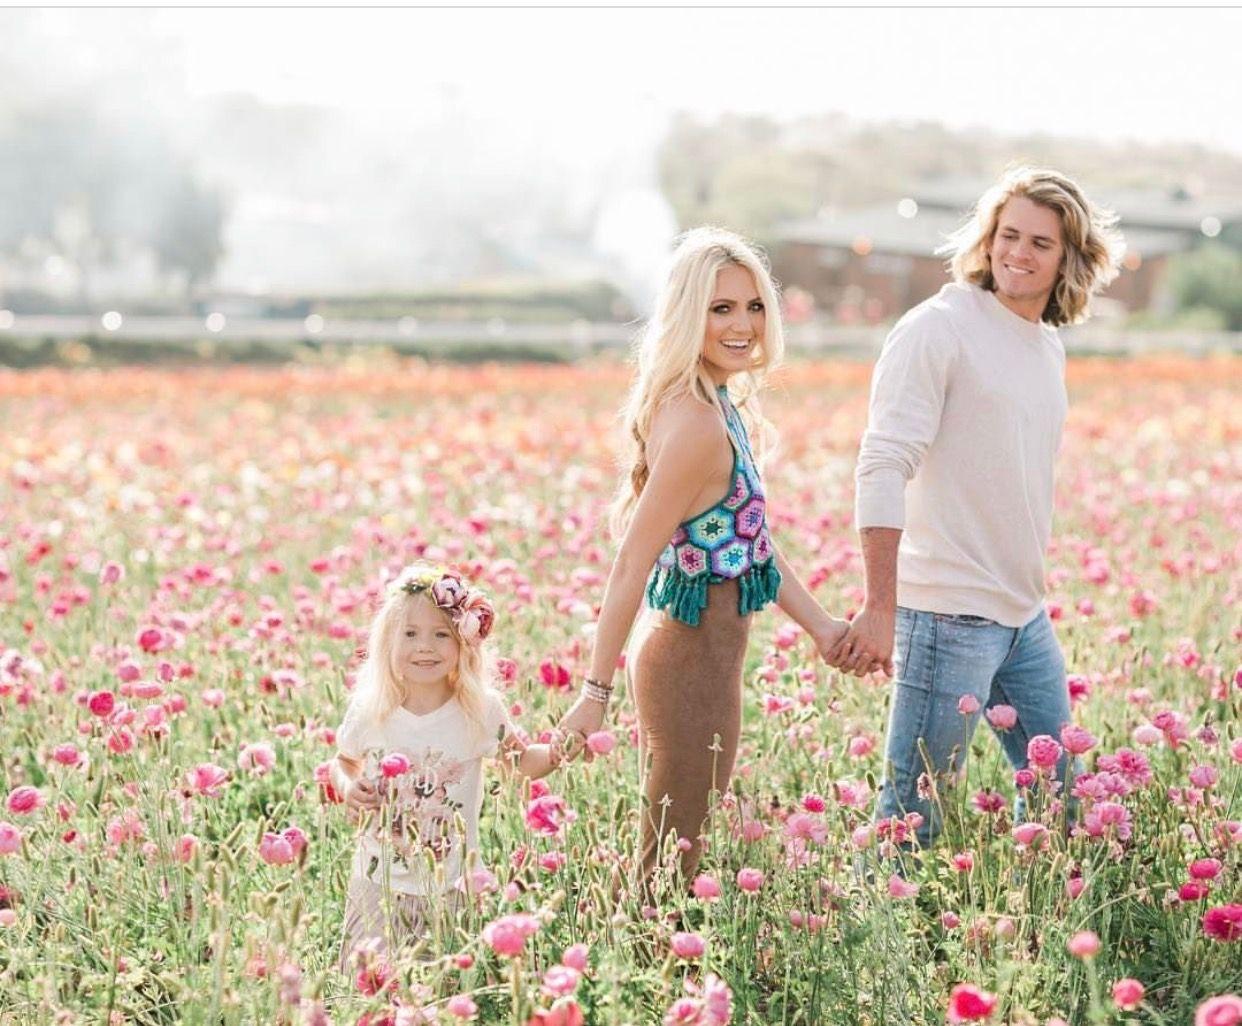 Милая семья картинки